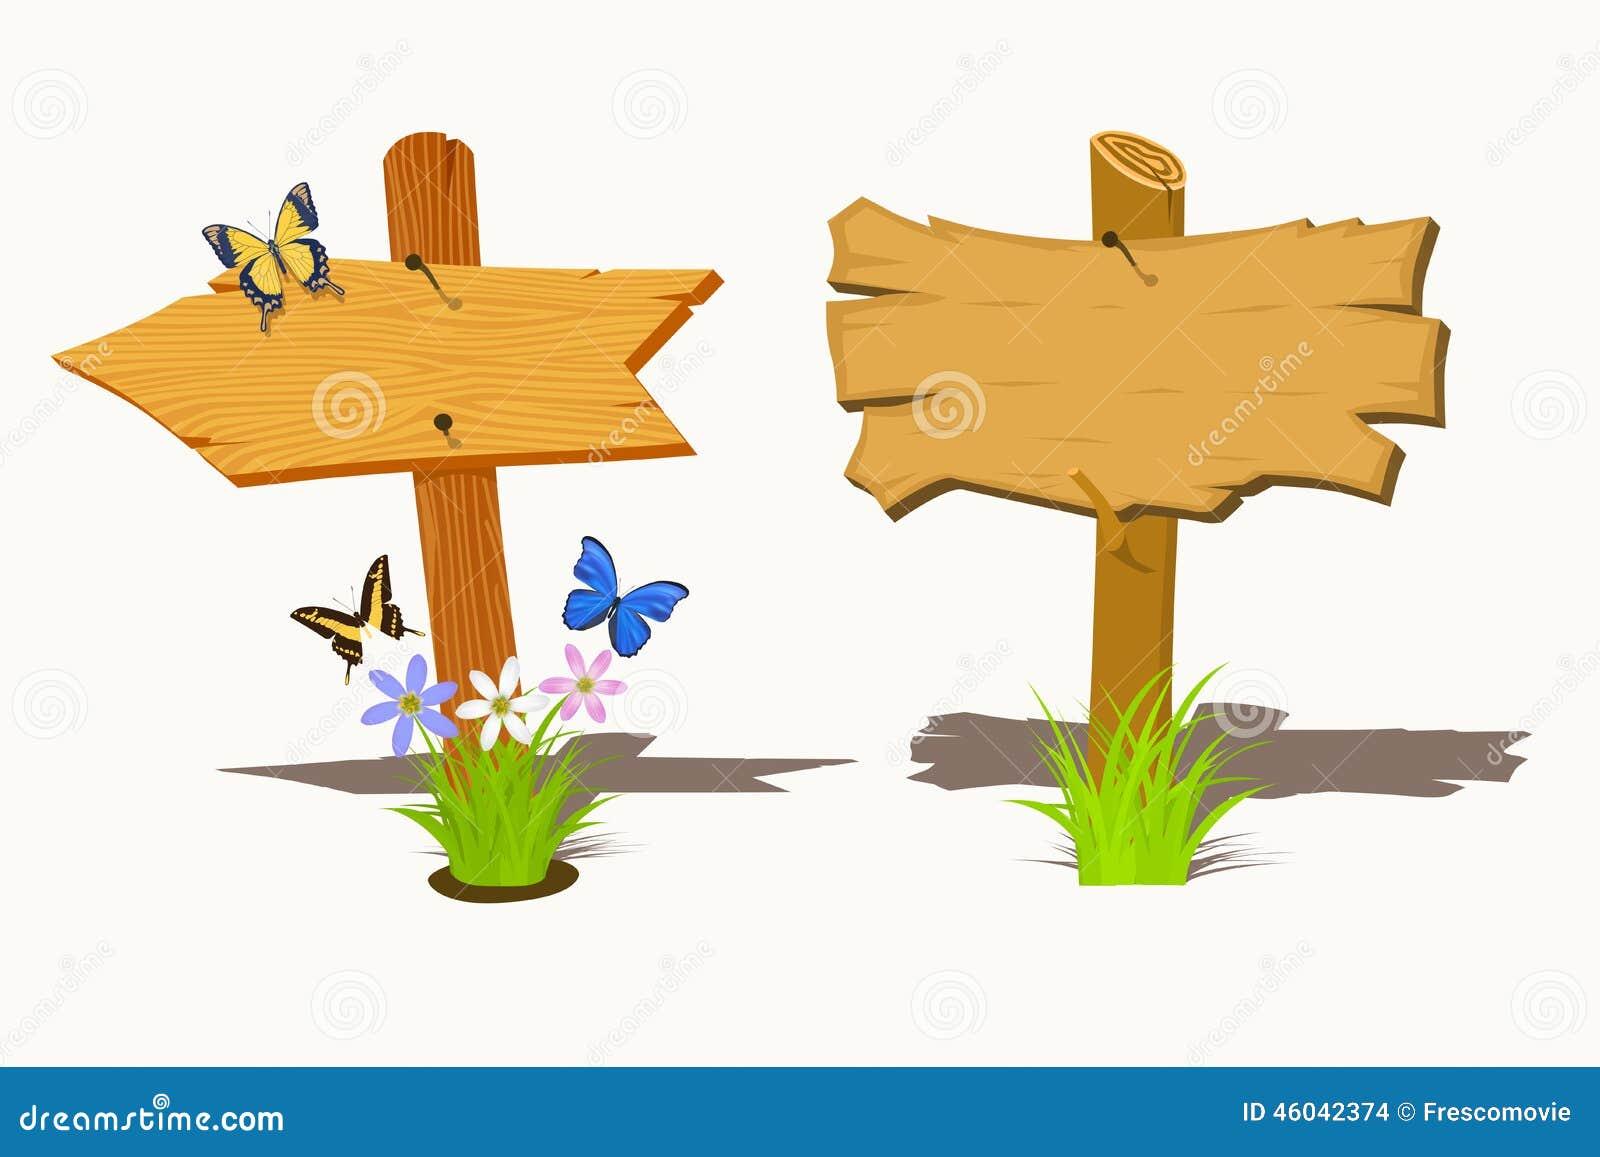 Ensemble De Panneau Indicateur En Bois Illustration de Vecteur Image 46042374 # Panneau Directionnel Bois